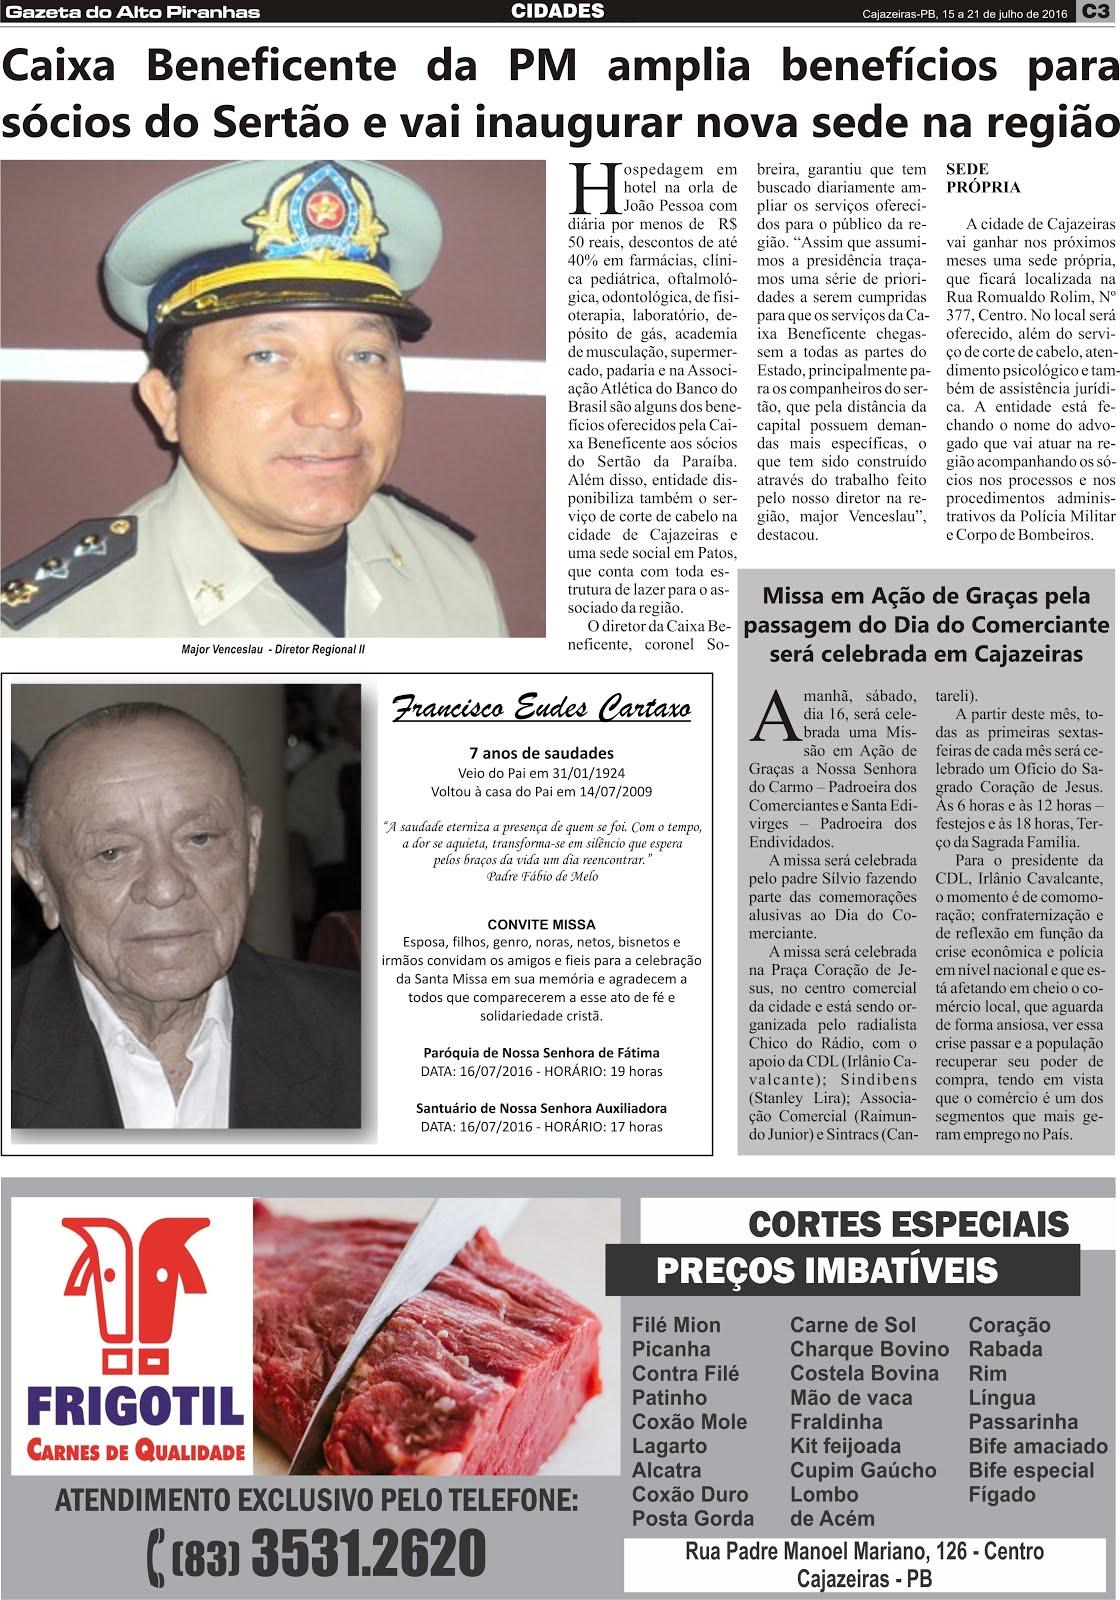 ATIVIDADES  DO JORNAL A GAZETA DO ALTO PIRANHAS  UM  SEMANÁRIO  PRIHCIPAL JORNAL DE NOSSA CIDADE